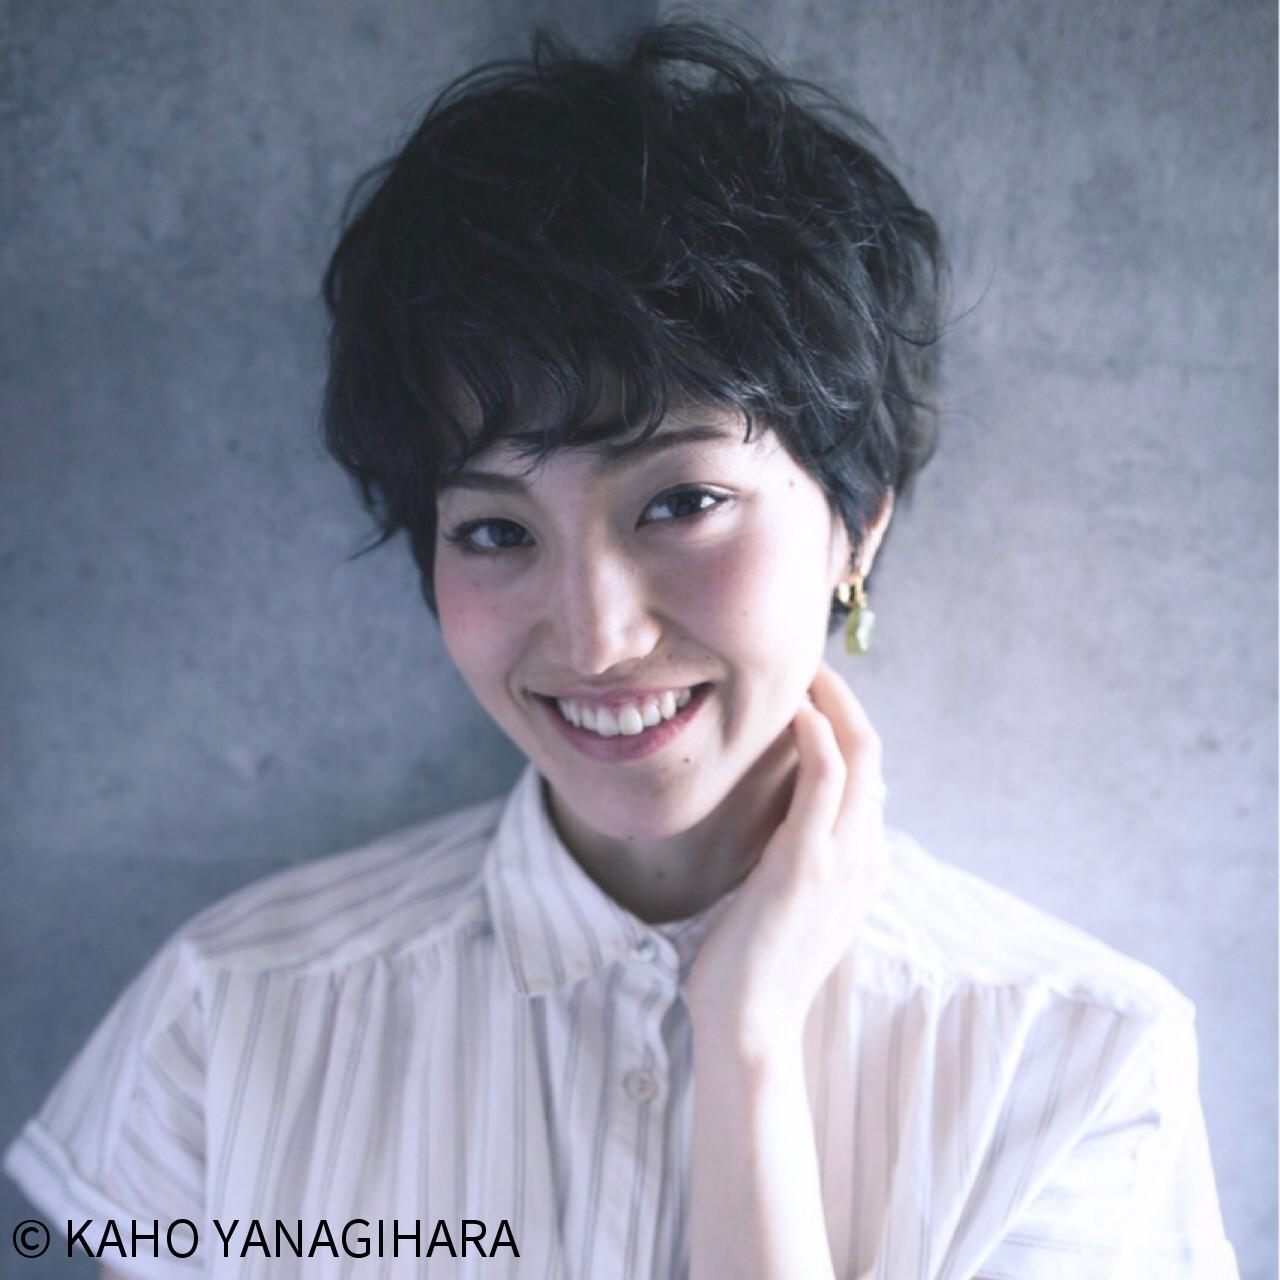 黒髪 ショート ウェーブ パーマ ヘアスタイルや髪型の写真・画像 | KAHO YANAGIHARA /